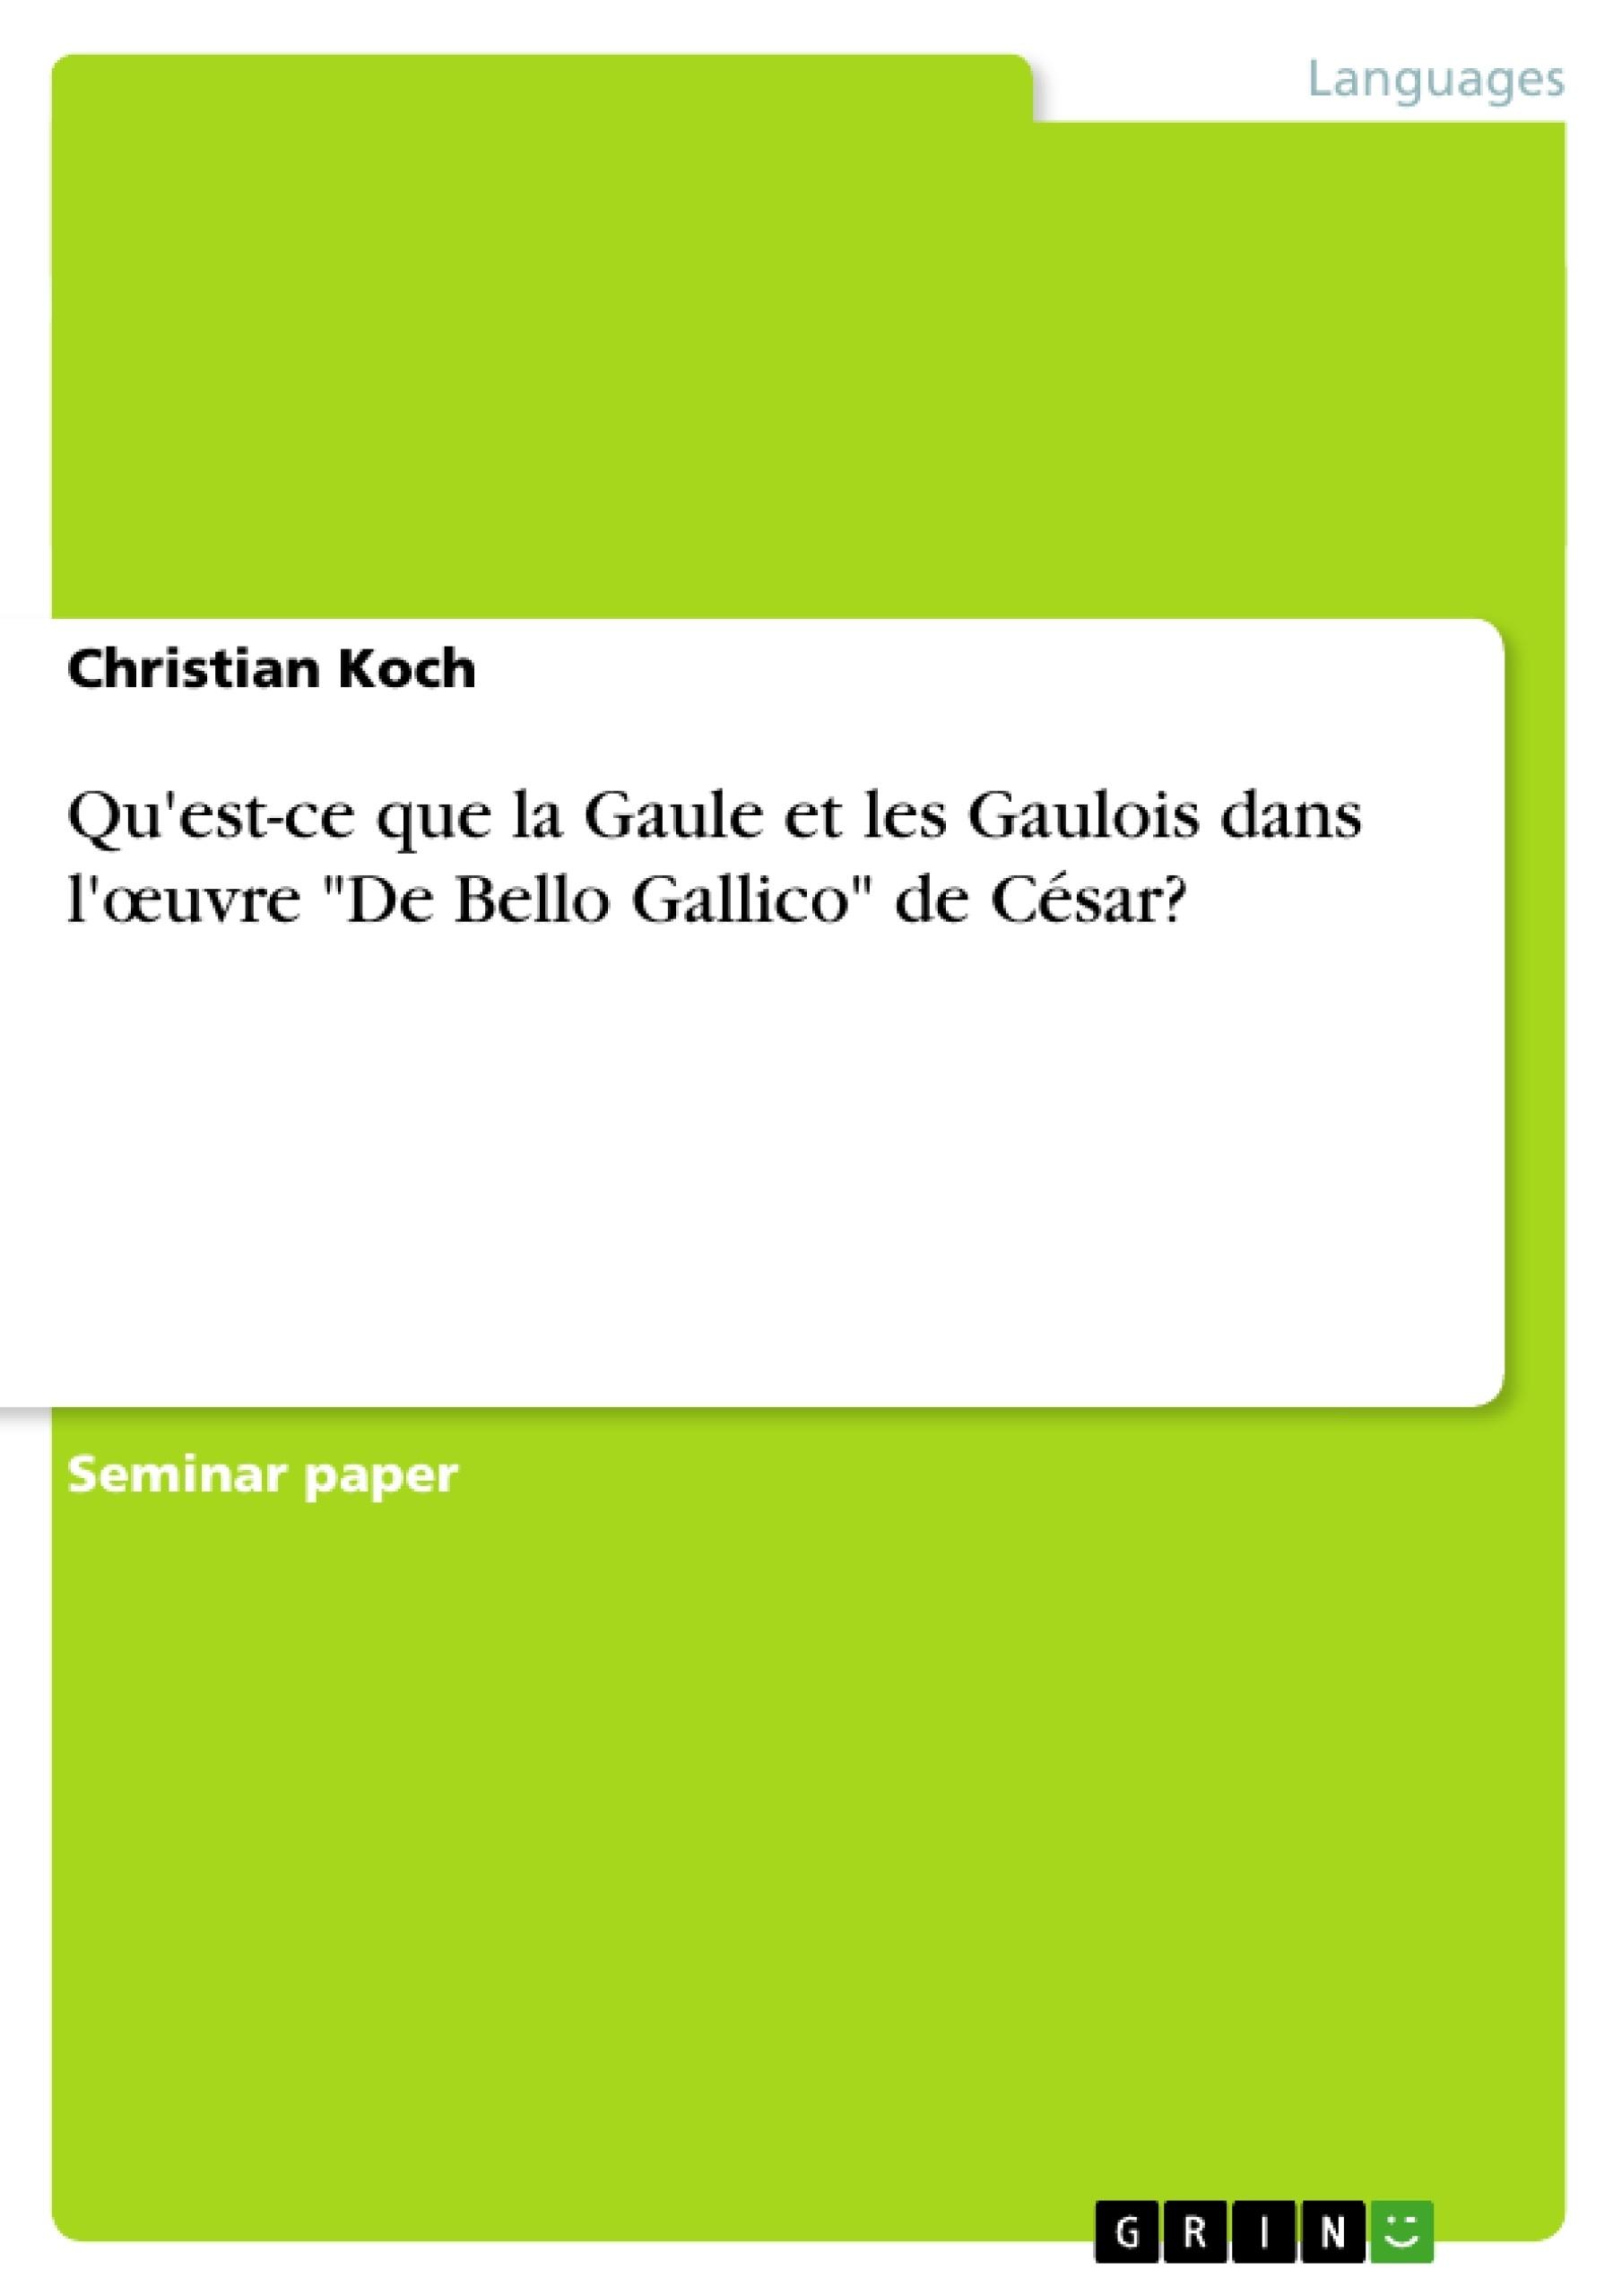 """Titre: Qu'est-ce que la Gaule et les Gaulois dans l'œuvre """"De Bello Gallico"""" de César?"""